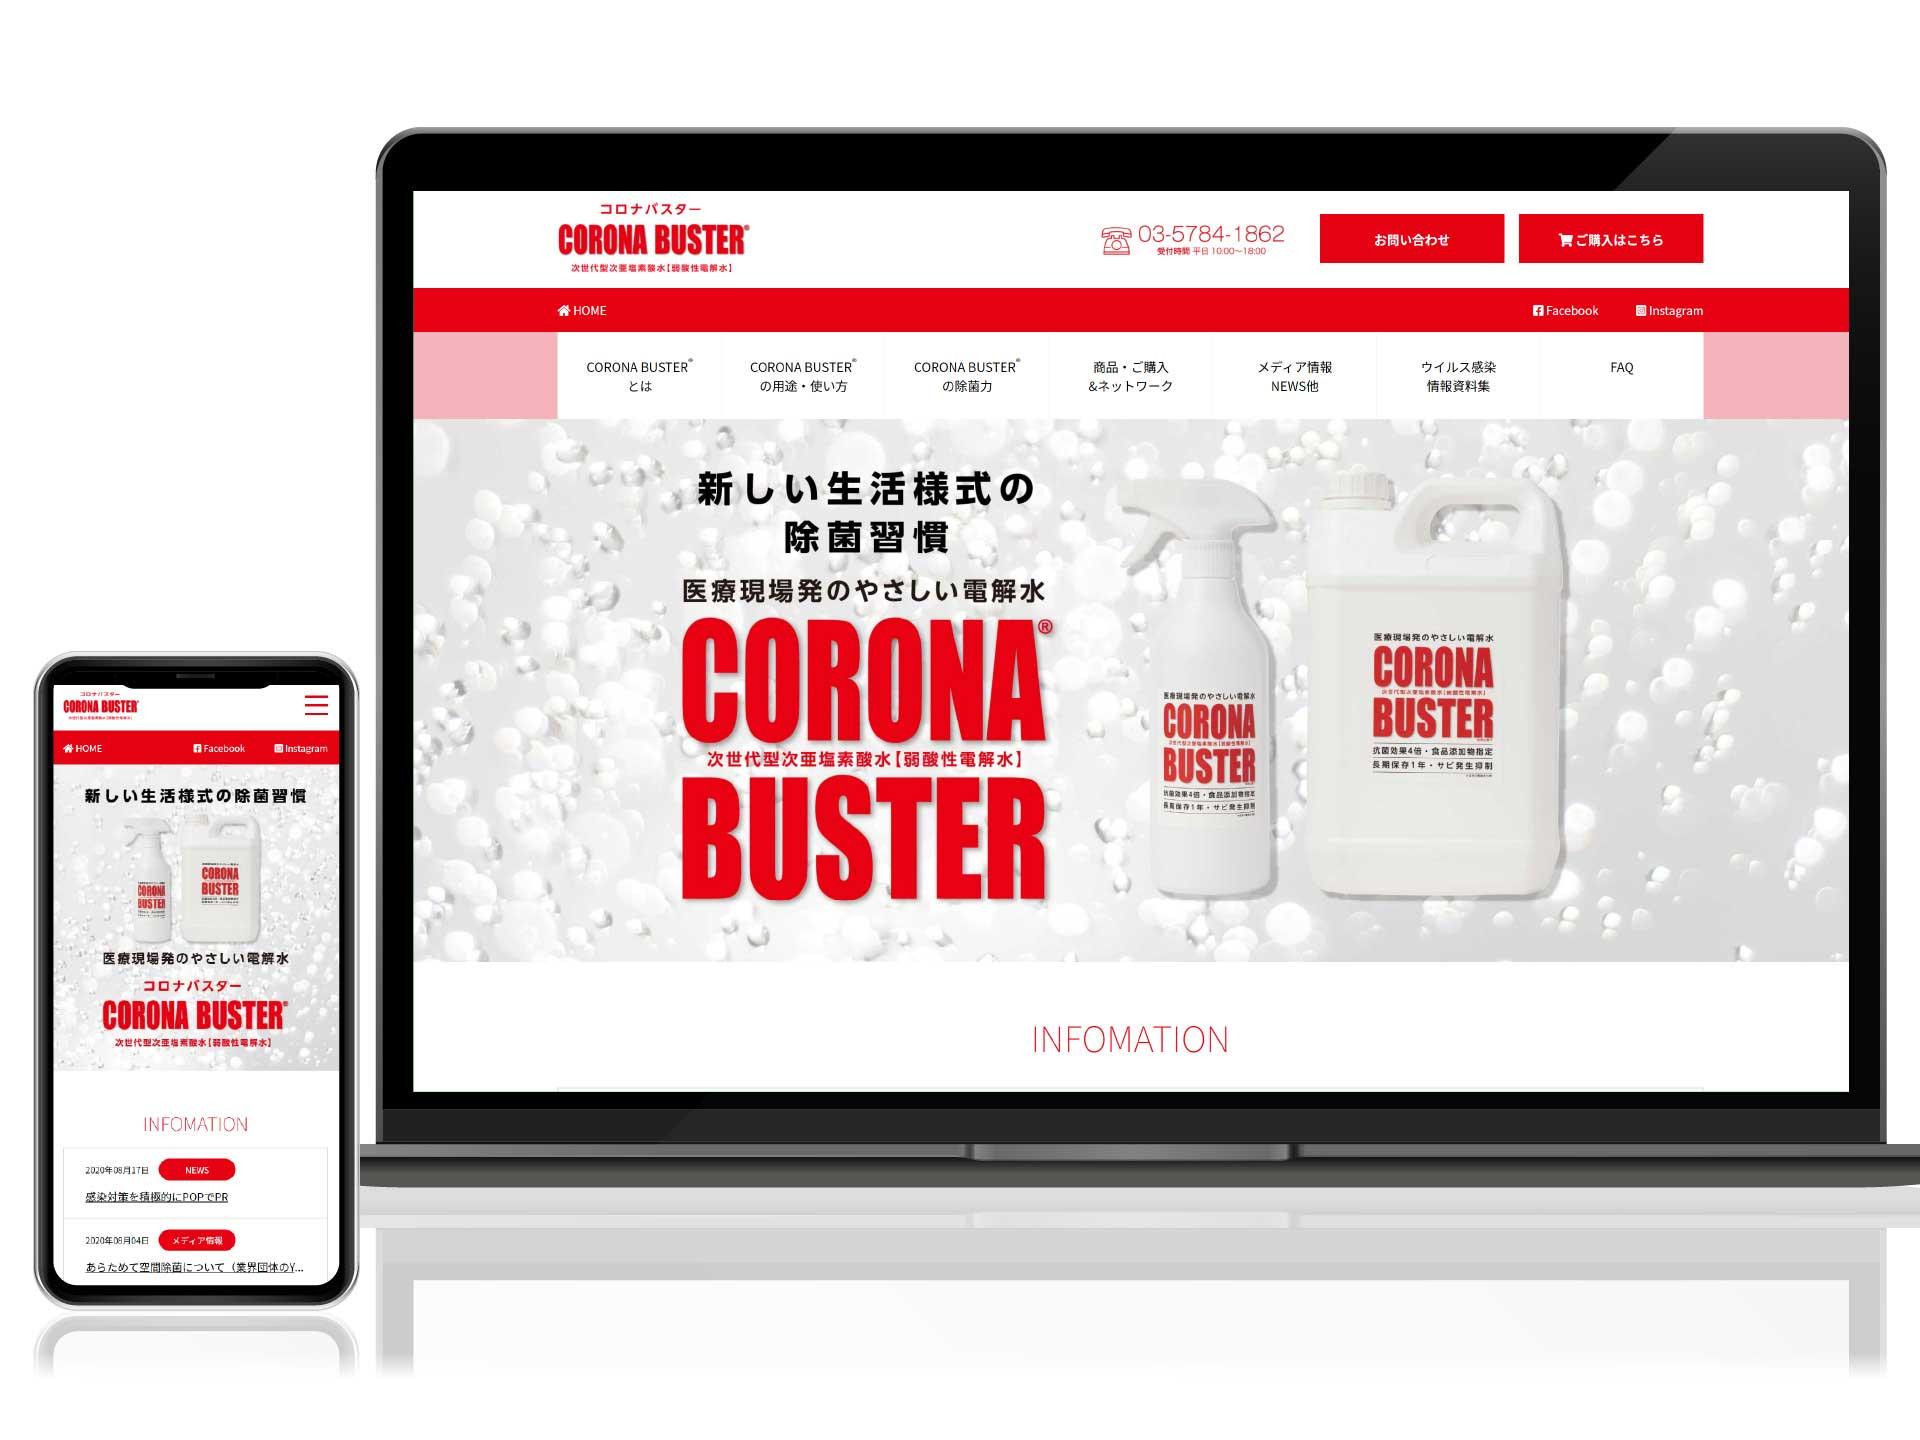 次世代型次亜塩素酸水CORONA BUSTER®(コロナバスター)